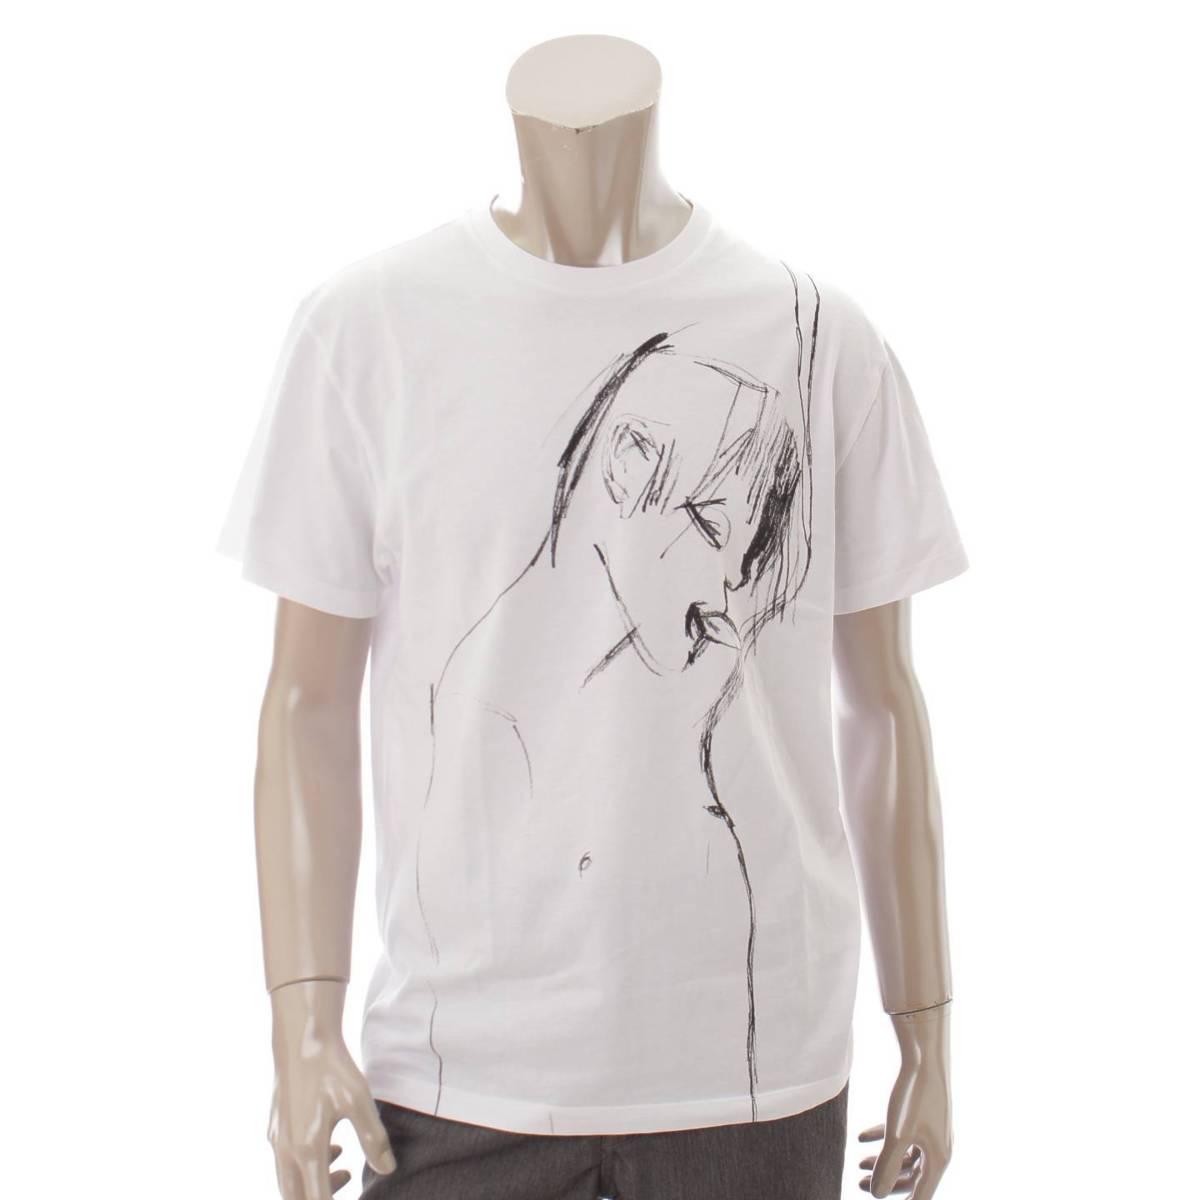 【ロエベ】Loewe 2019 コットン プリントTシャツ ホワイト S 【中古】【鑑定済・正規品保証】80869